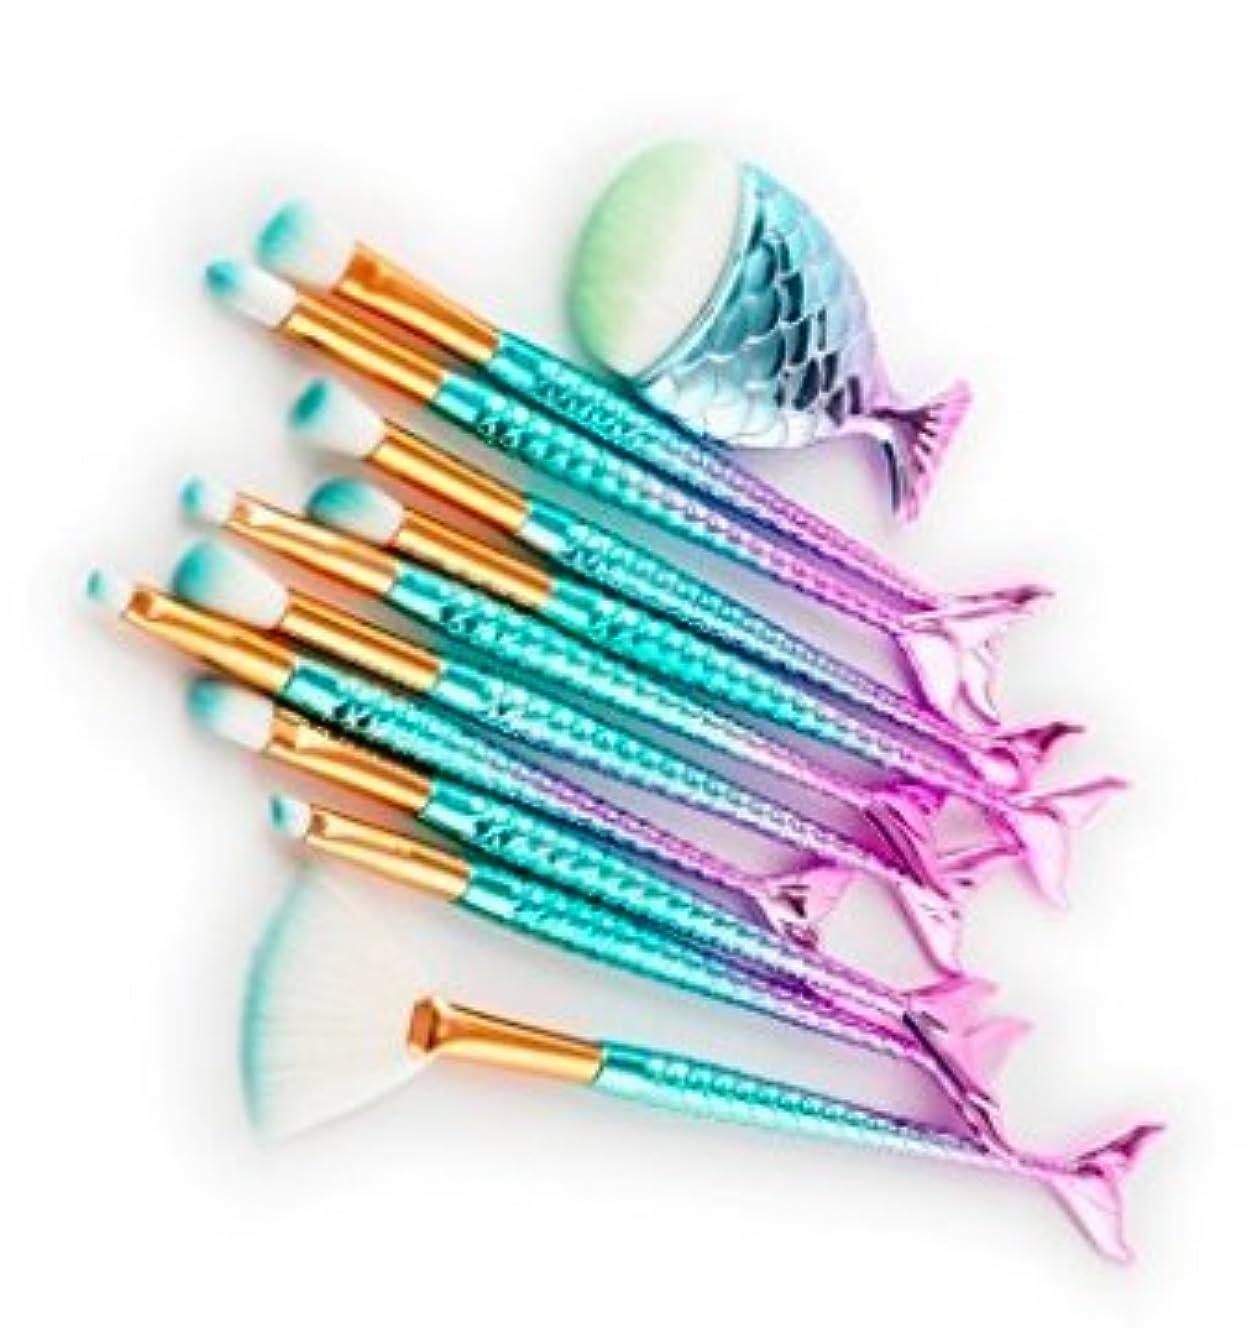 里親レクリエーション息切れSYNC マーメイドブラシ メイクアップブラシ 10+1 11本セット 極細毛 フェイスケア ナイロン製 化粧筆